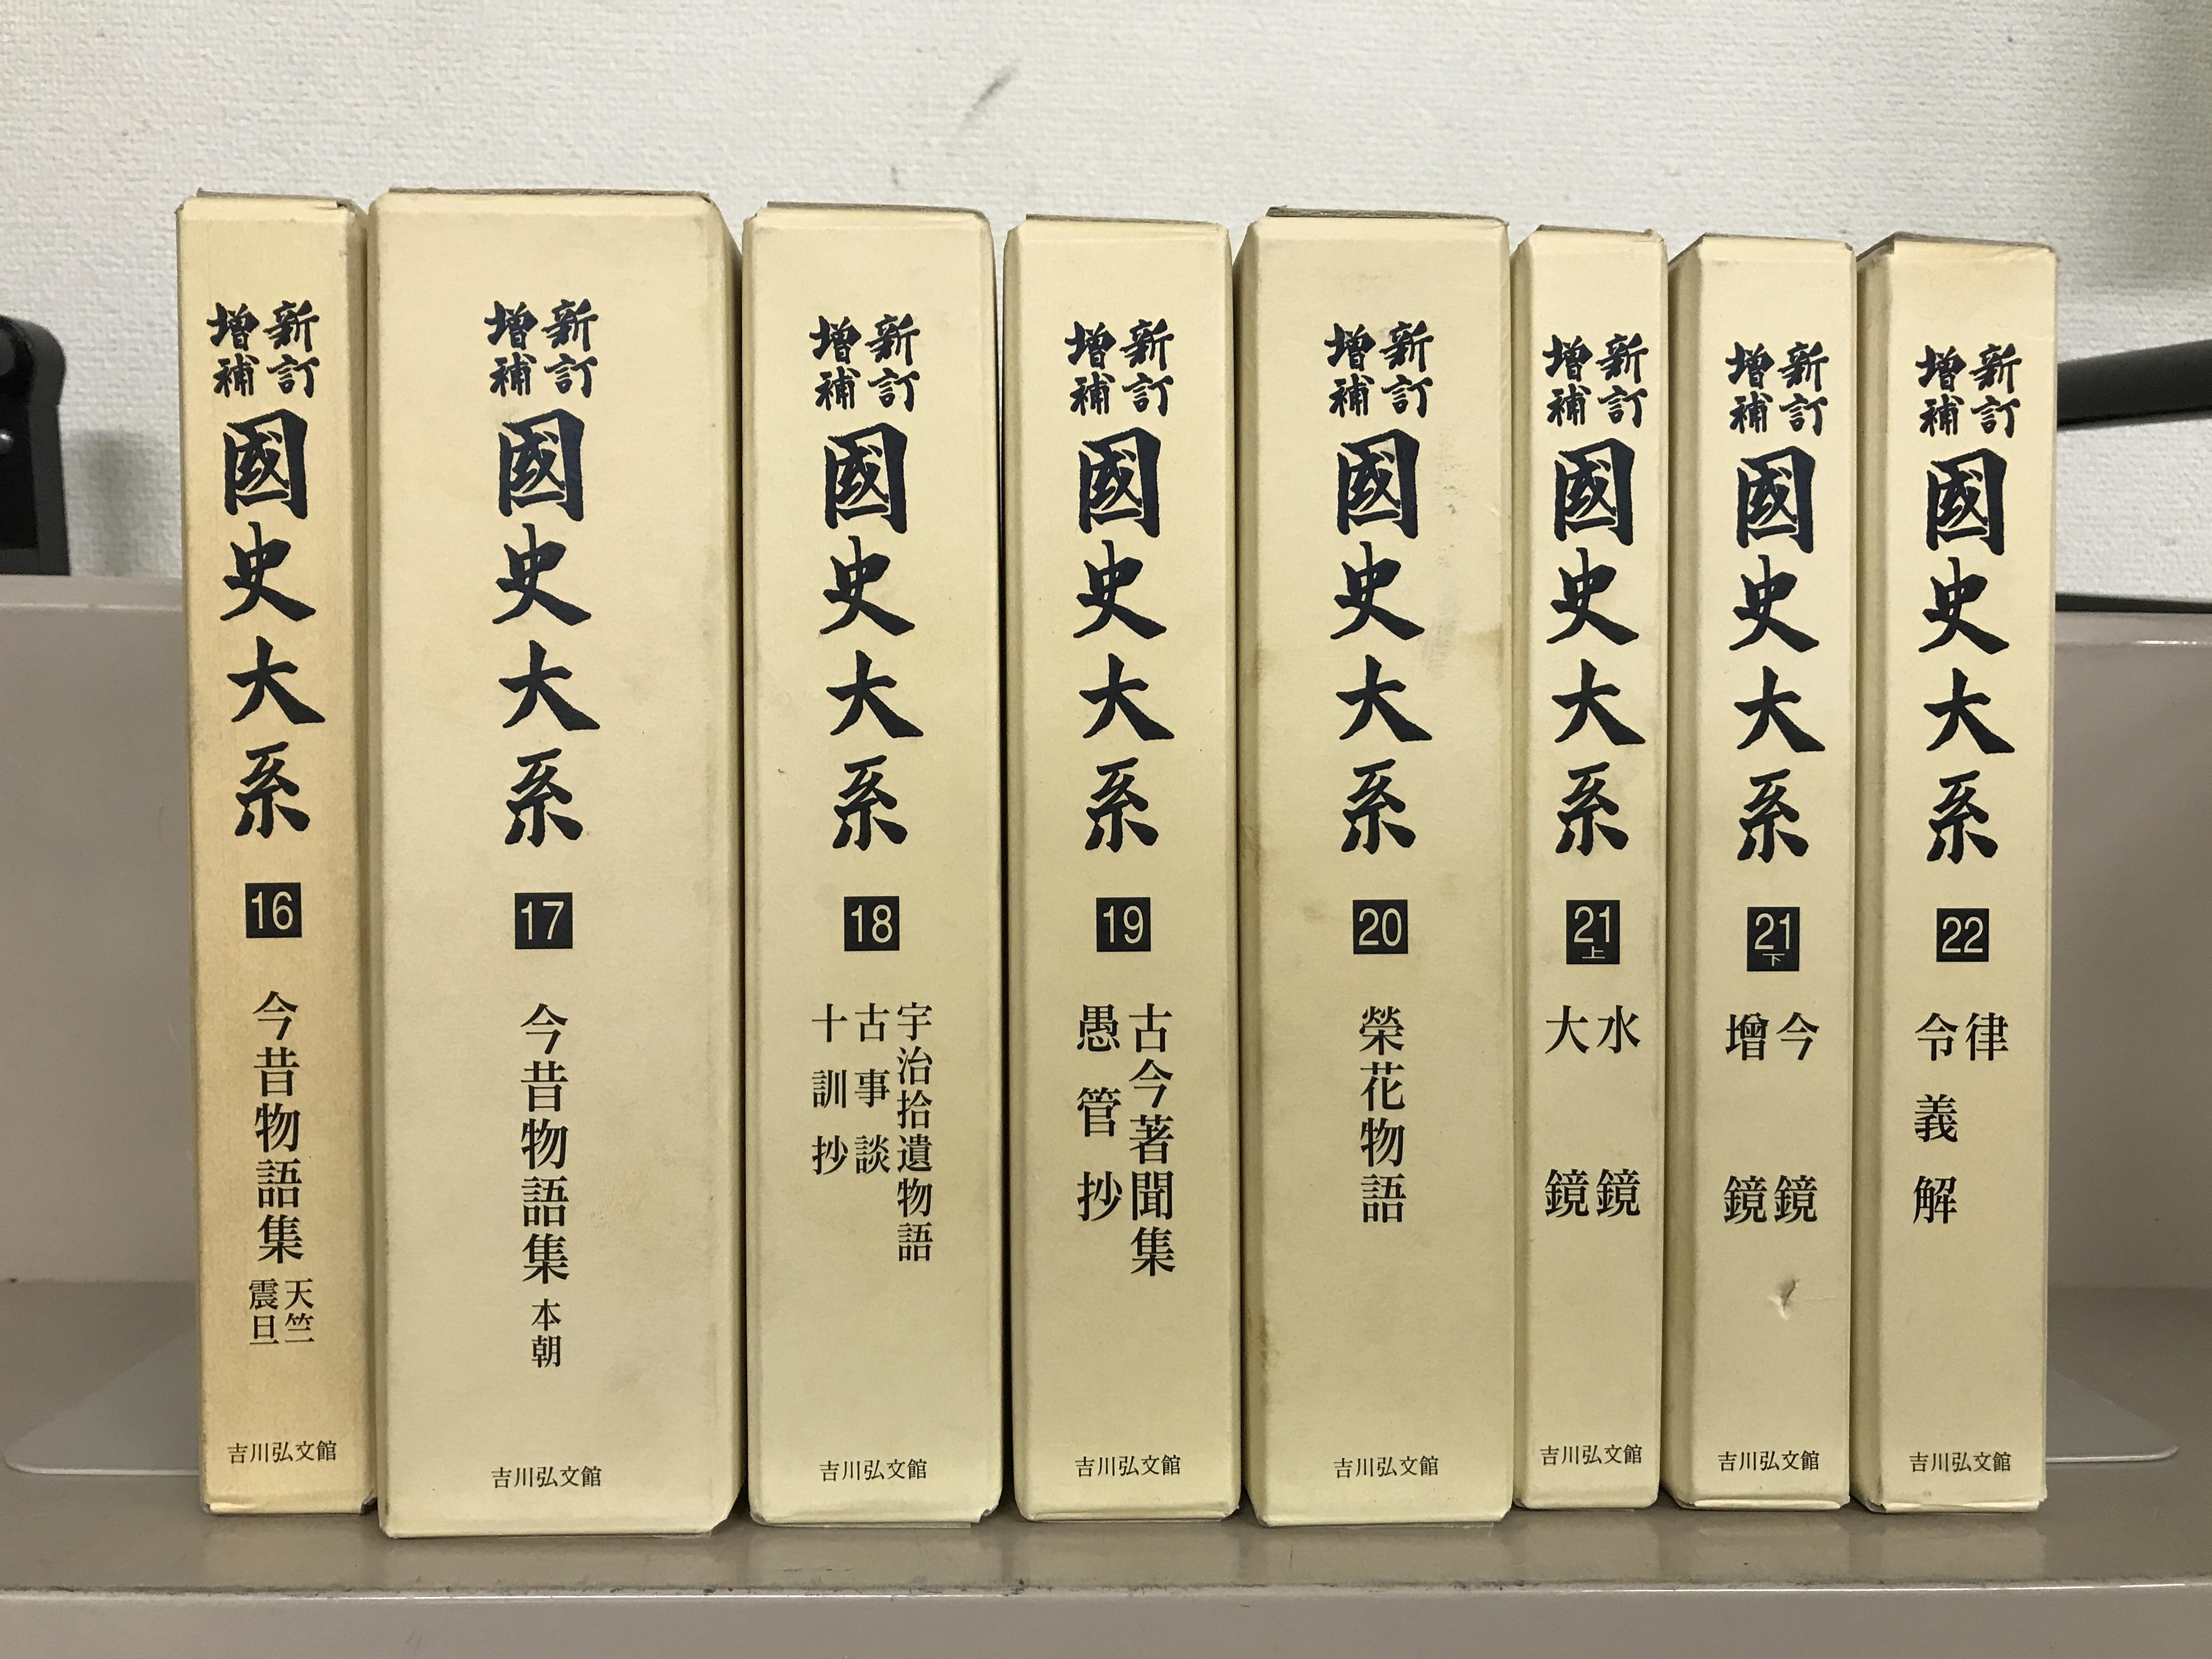 新訂増補新装版国史大系(吉川弘文館)全67巻書目解題共69冊 –